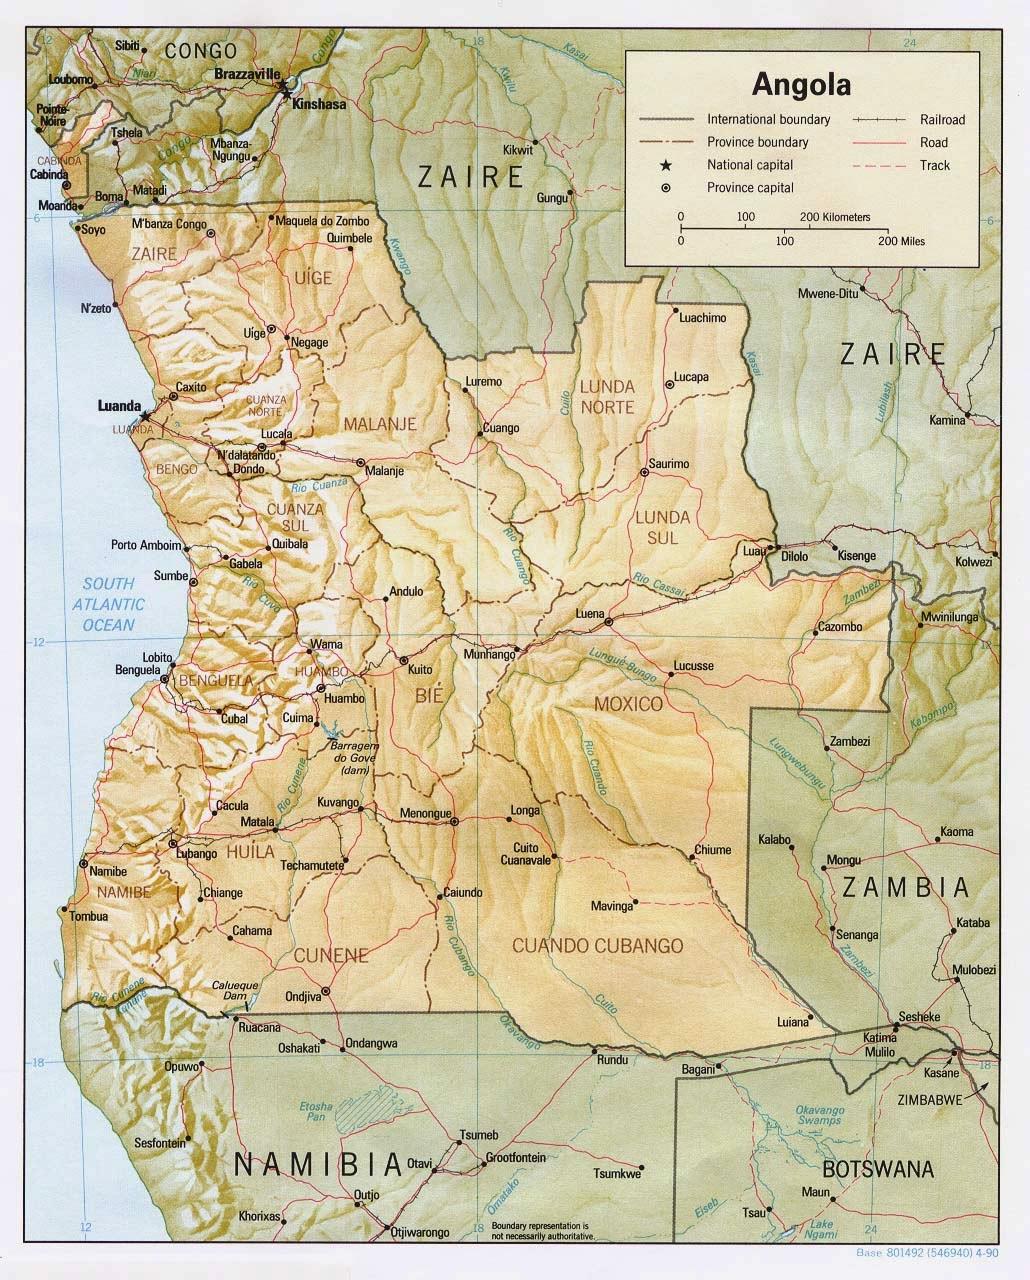 Big Blue 1840-1940: Angola